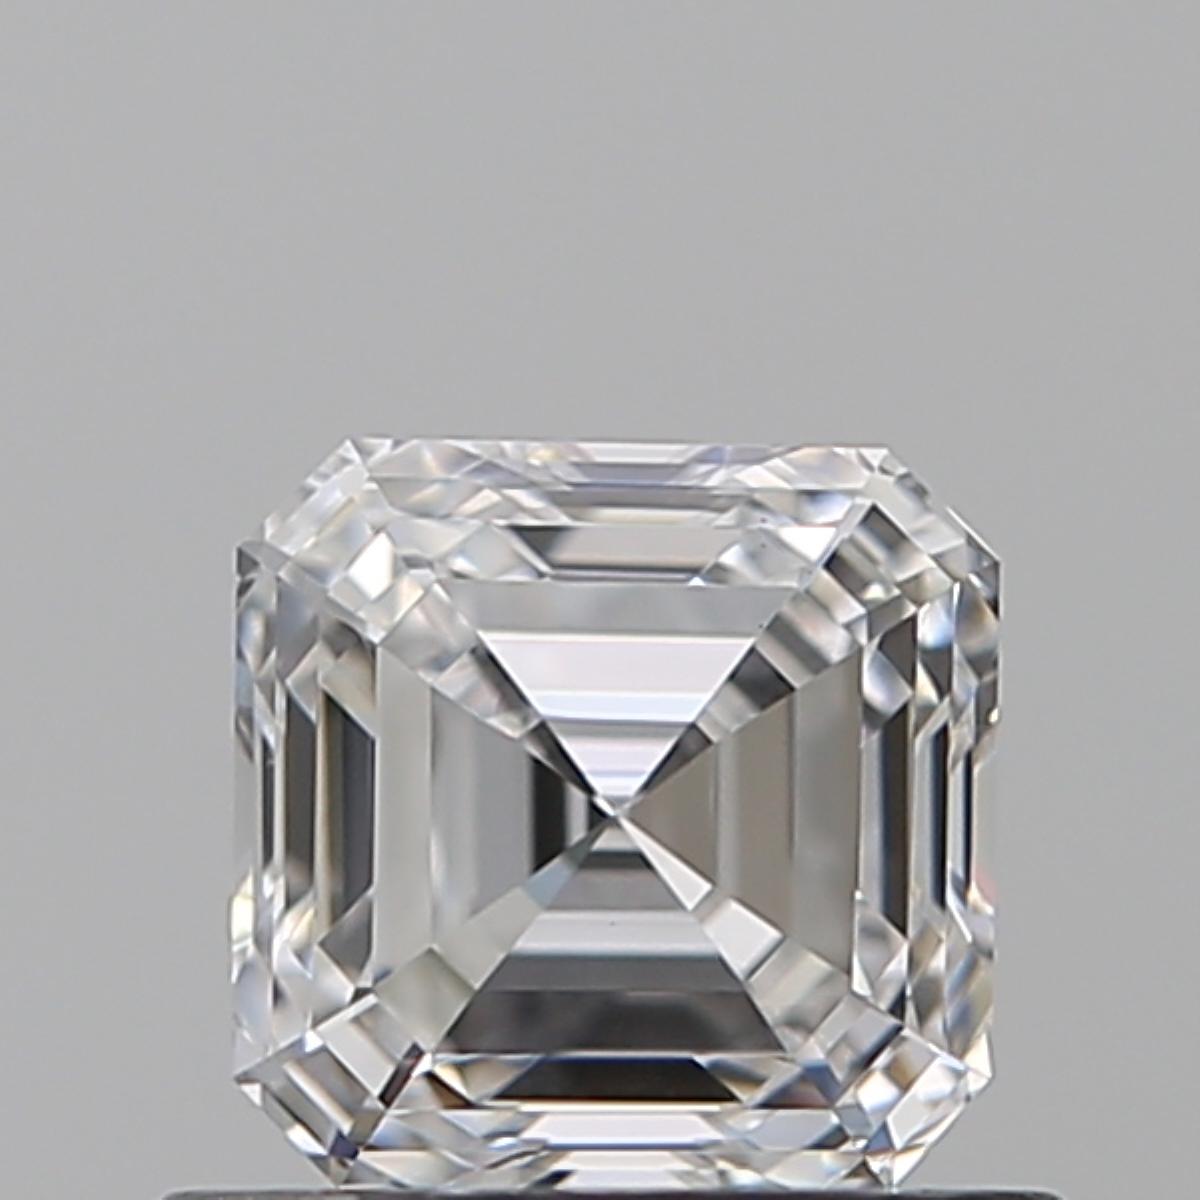 0.57 ct Asscher Cut Diamond : D / SI1